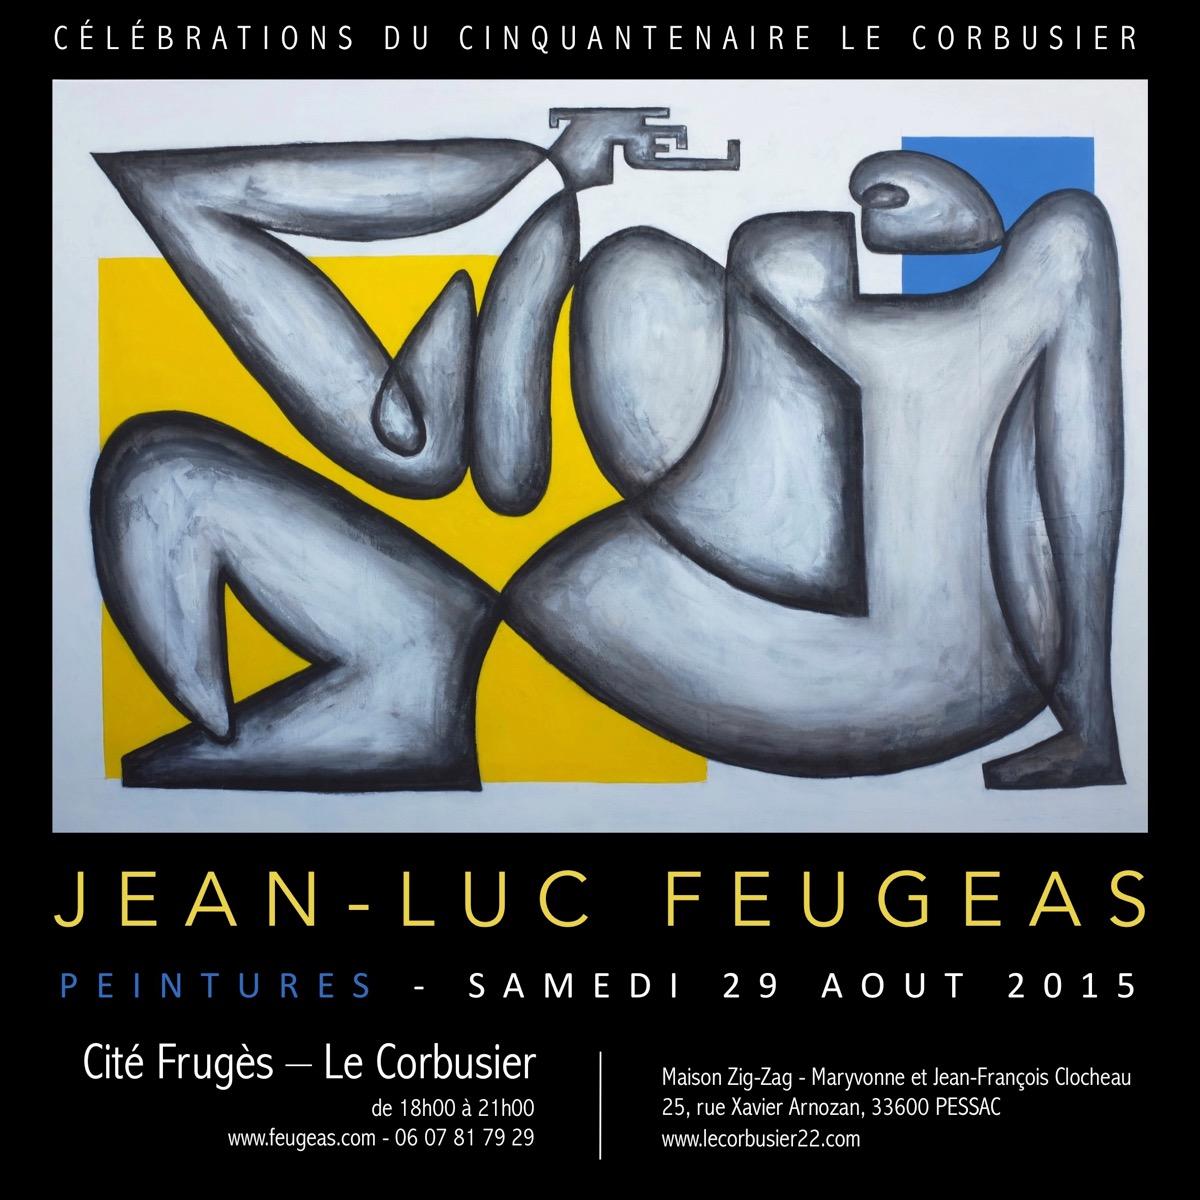 Exposition-CitéFrugès-Jean-LucFeugeas